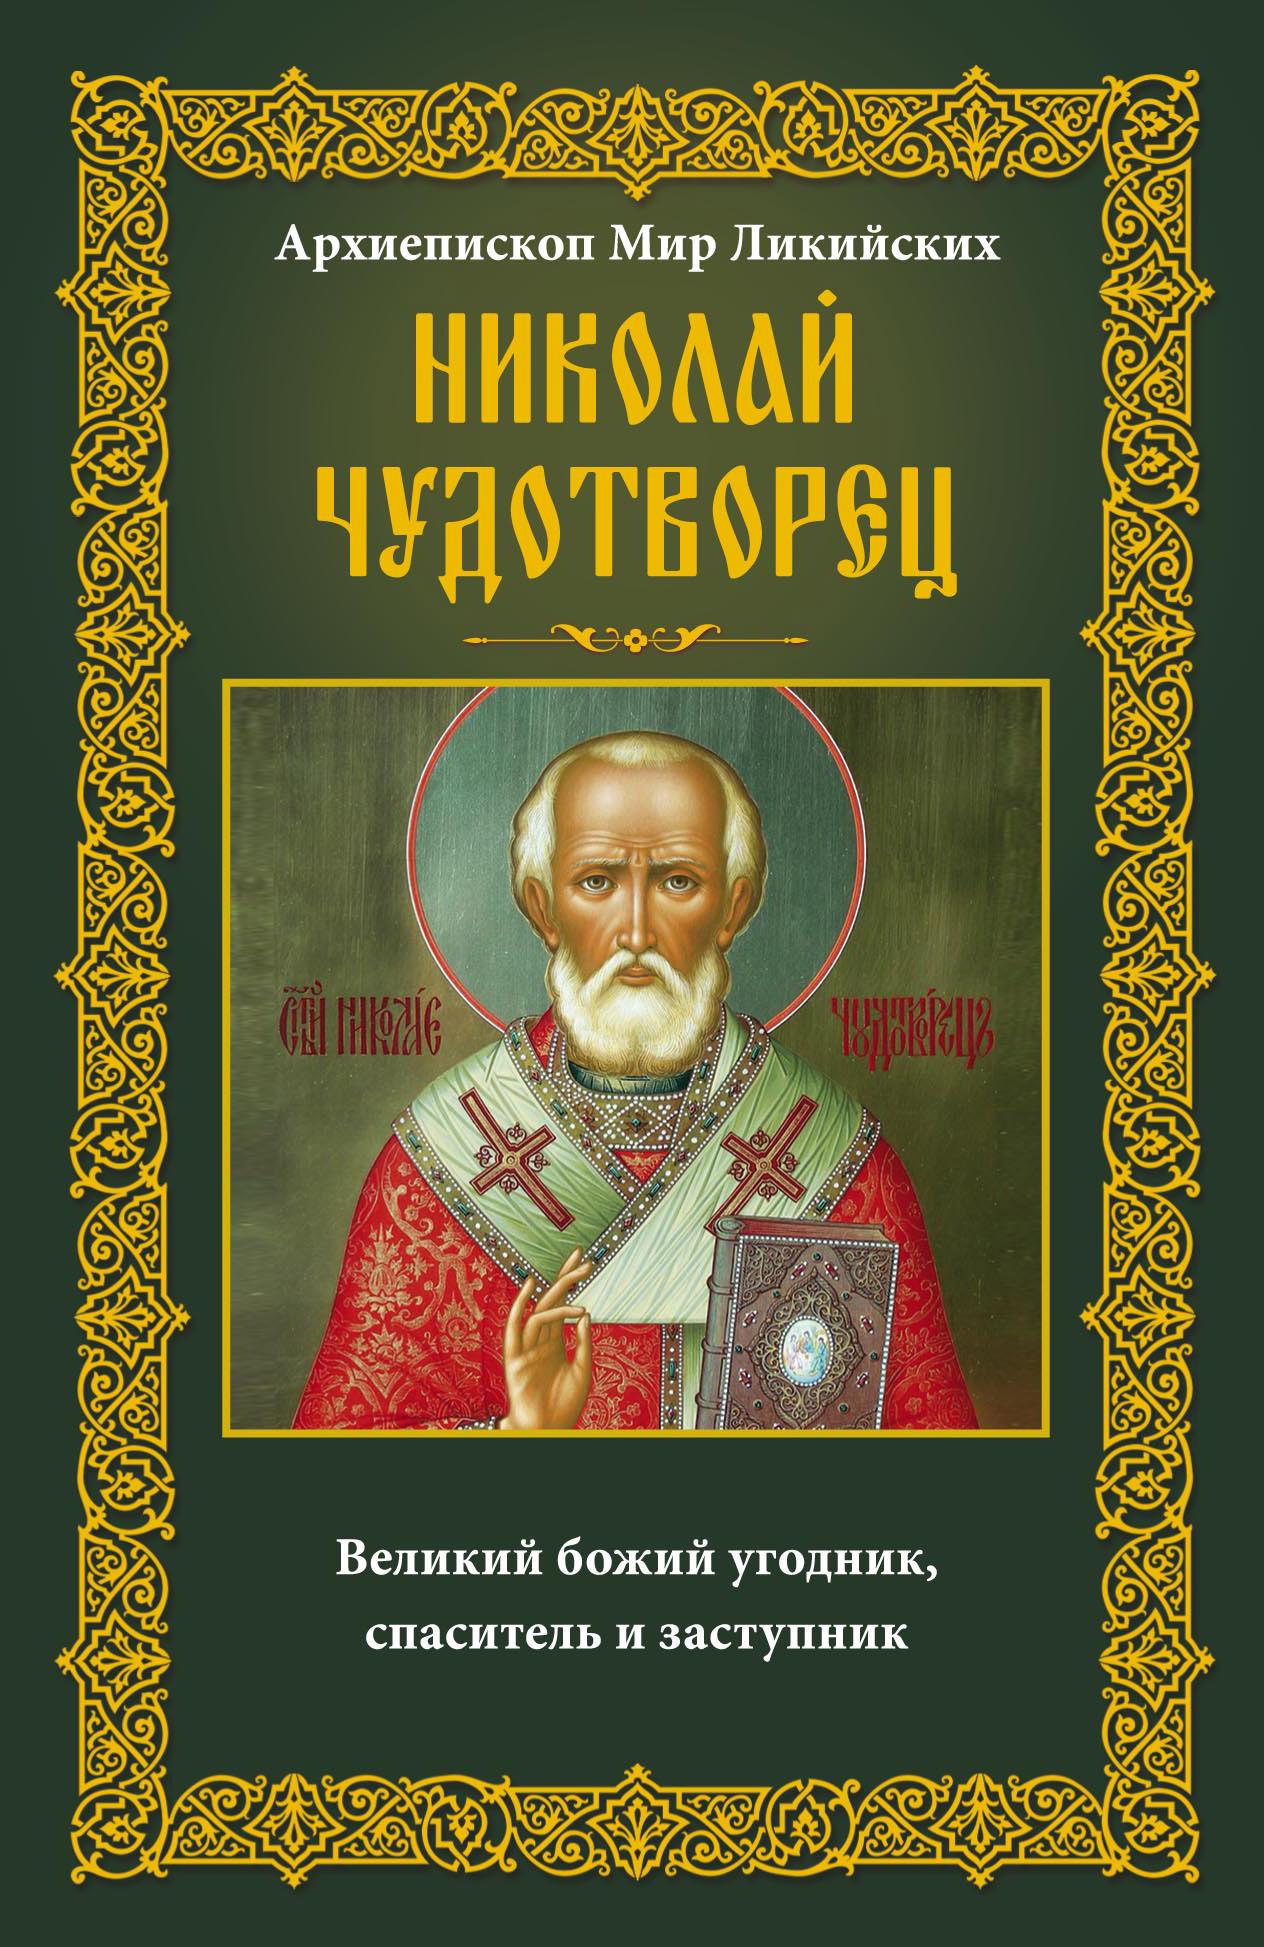 Архиепископ Мир Ликийских Николай Чудотворец. Великий божий угодник, спаситель и заступник ( Отсутствует  )